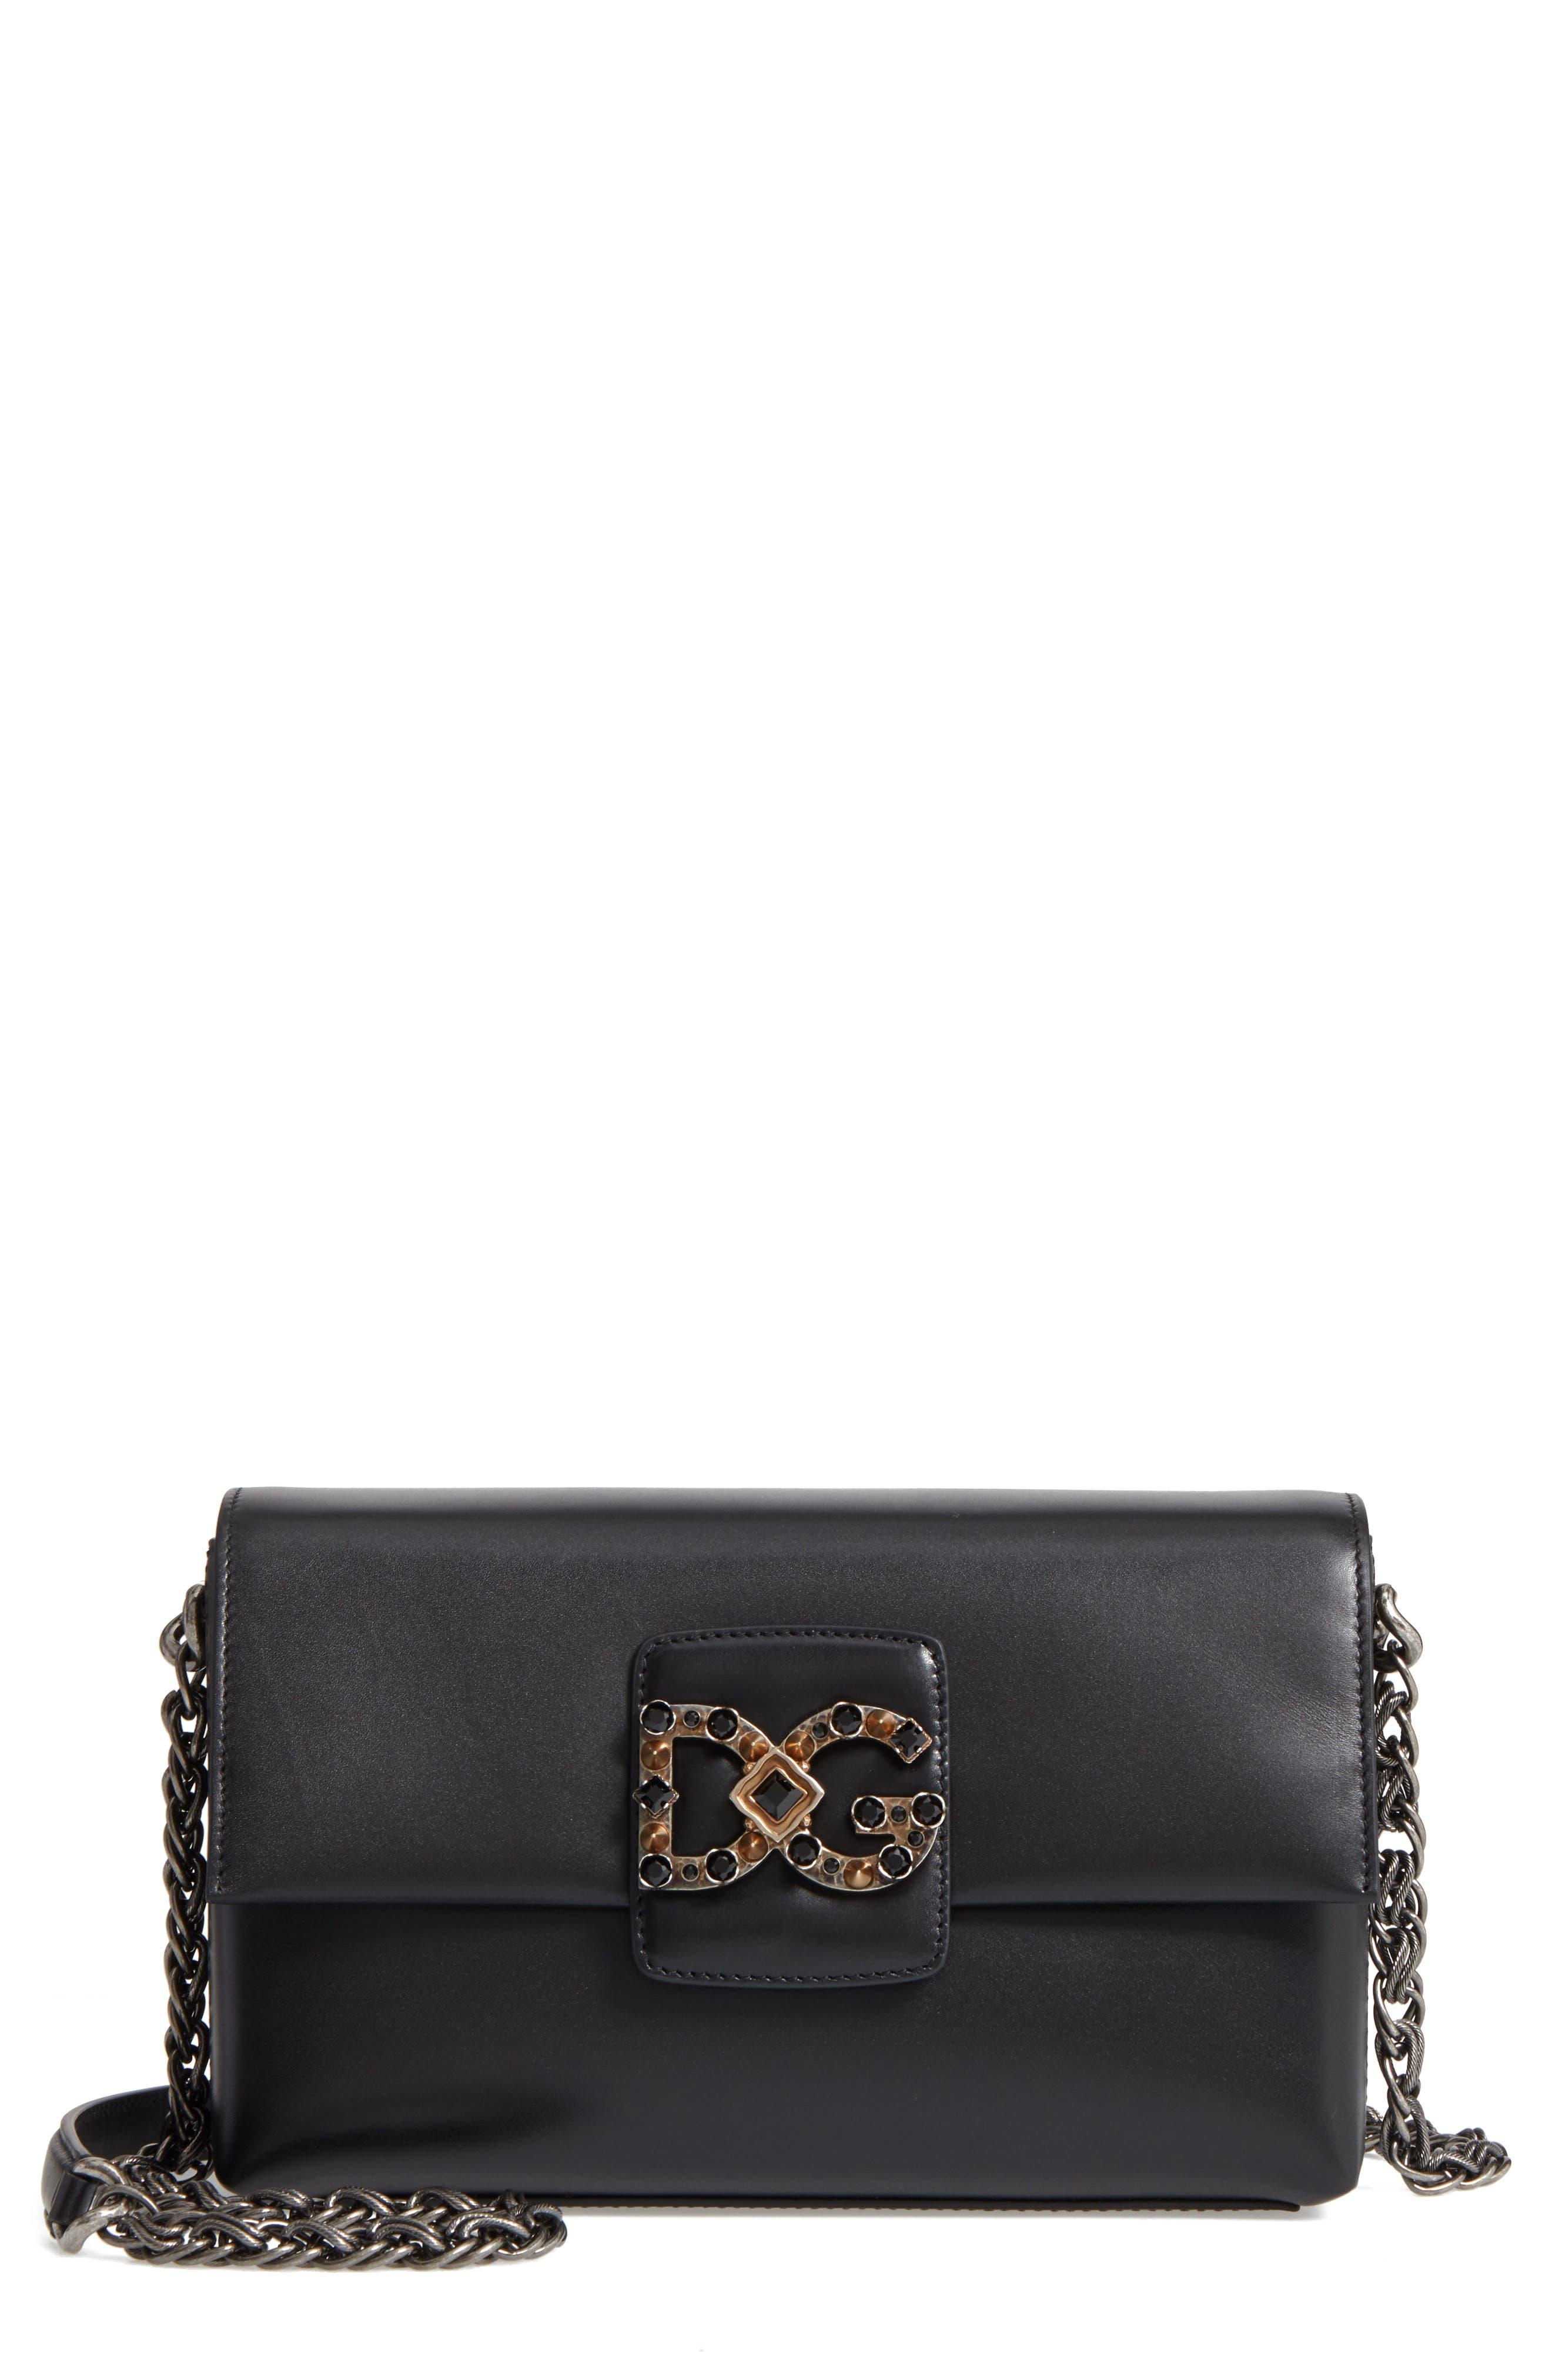 Dolce&Gabbana Medium Millennials Embossed Leather Shoulder Bag